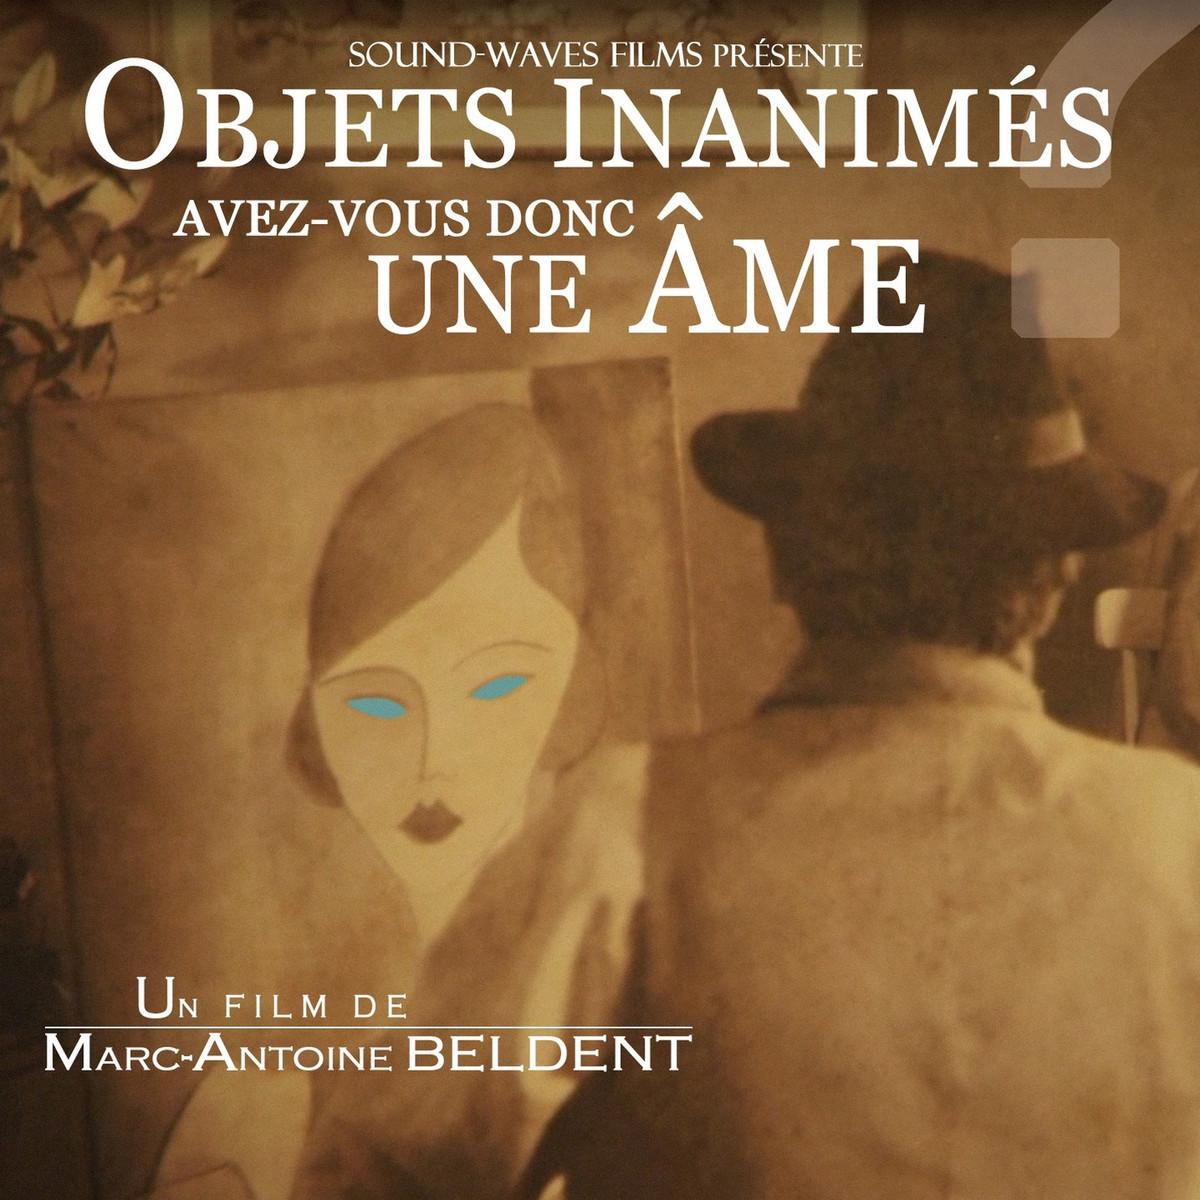 Objets inanim s avez vous donc une me original motion picture soundtrack - Objets inanimes avez vous donc une ame ...